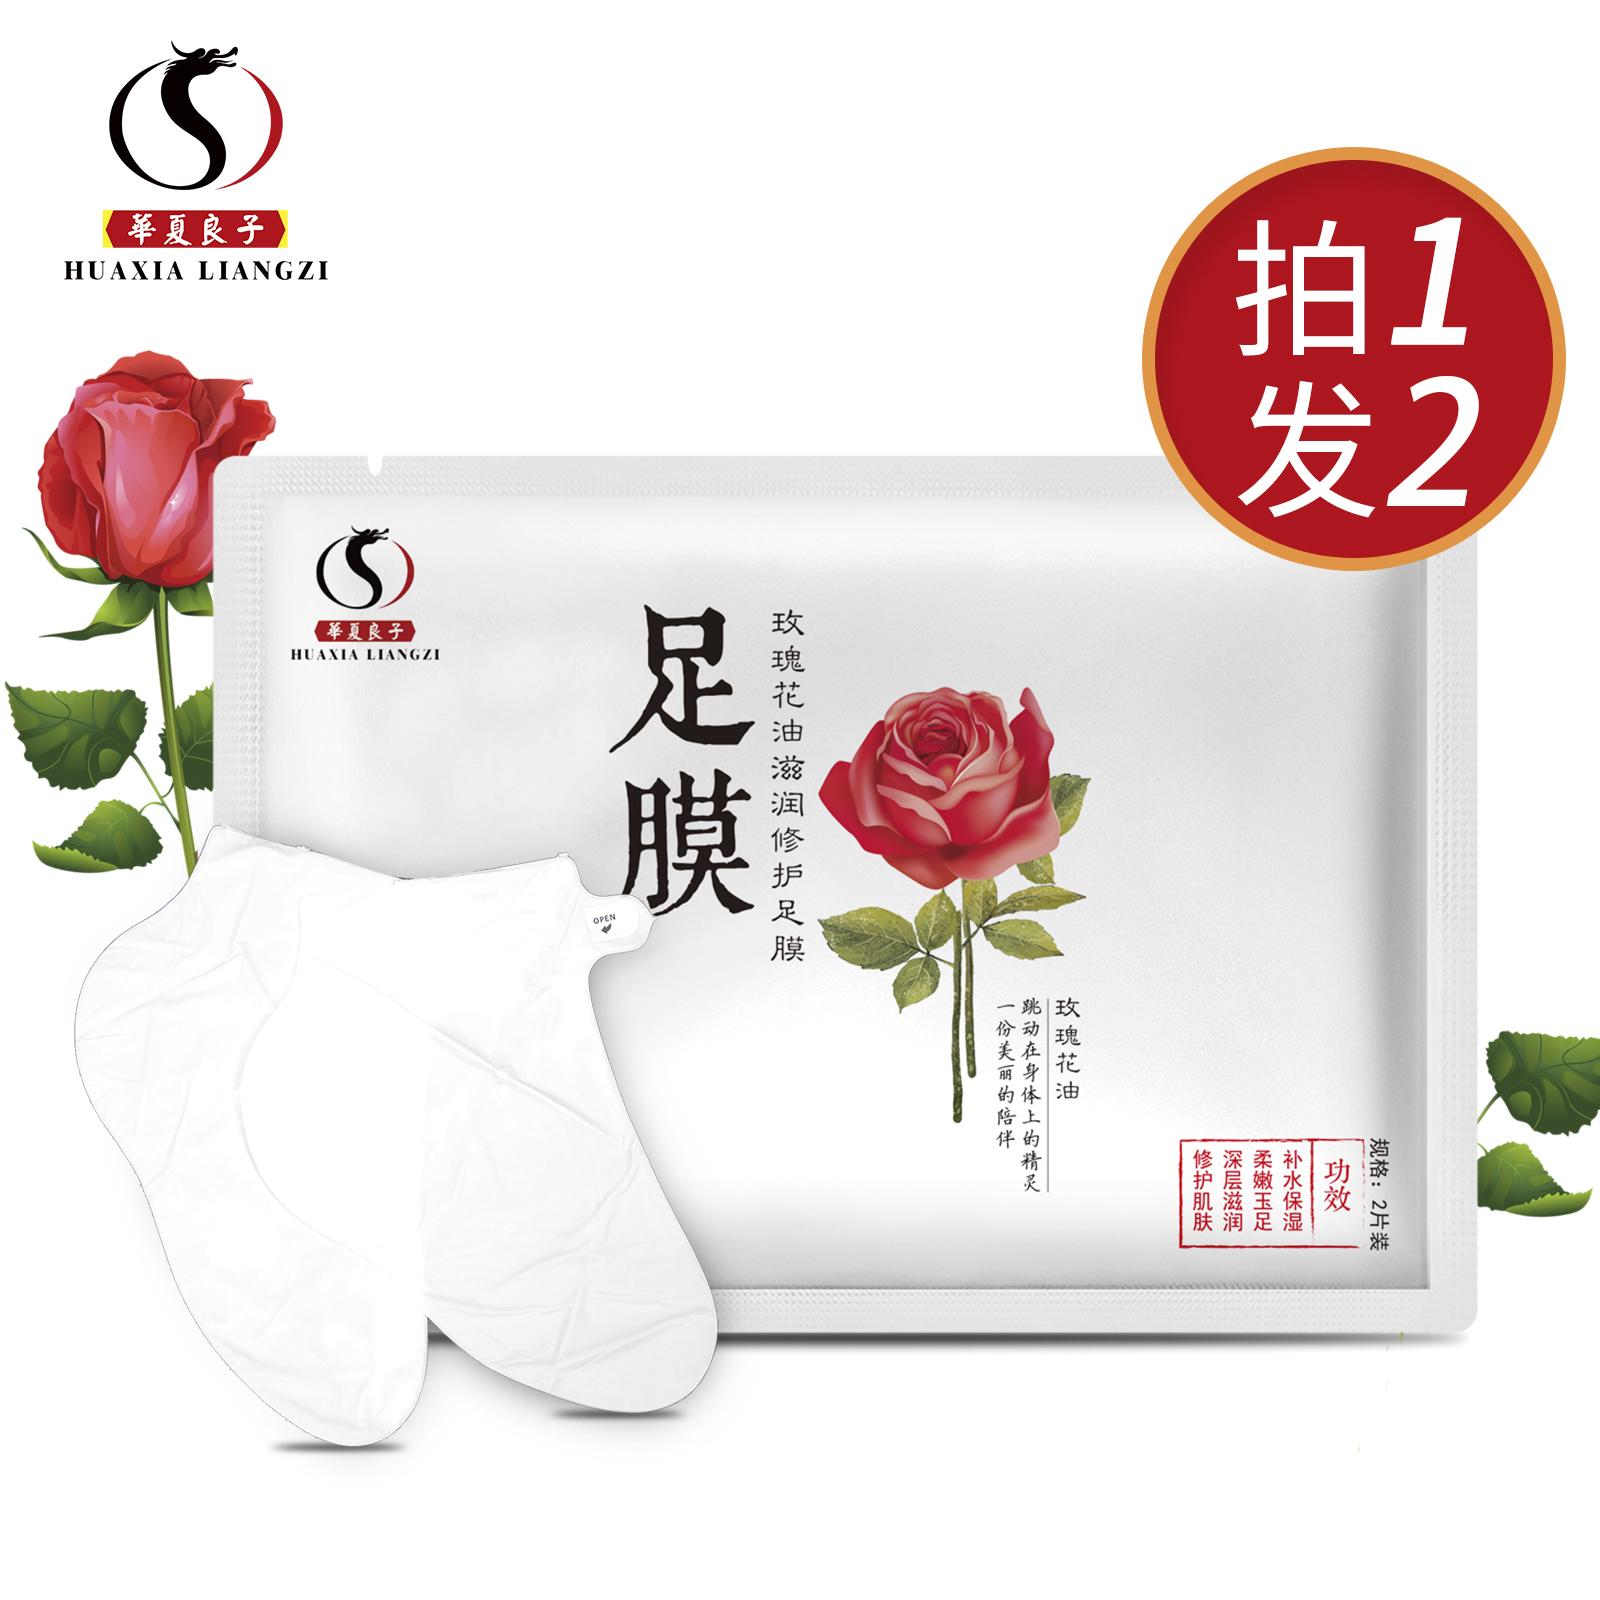 Huaxia Liangzi foot film, мертвая кожа, старая, увлажняющая, опреснение принт Увлажнение ног комплект Предотвращение растрескивания